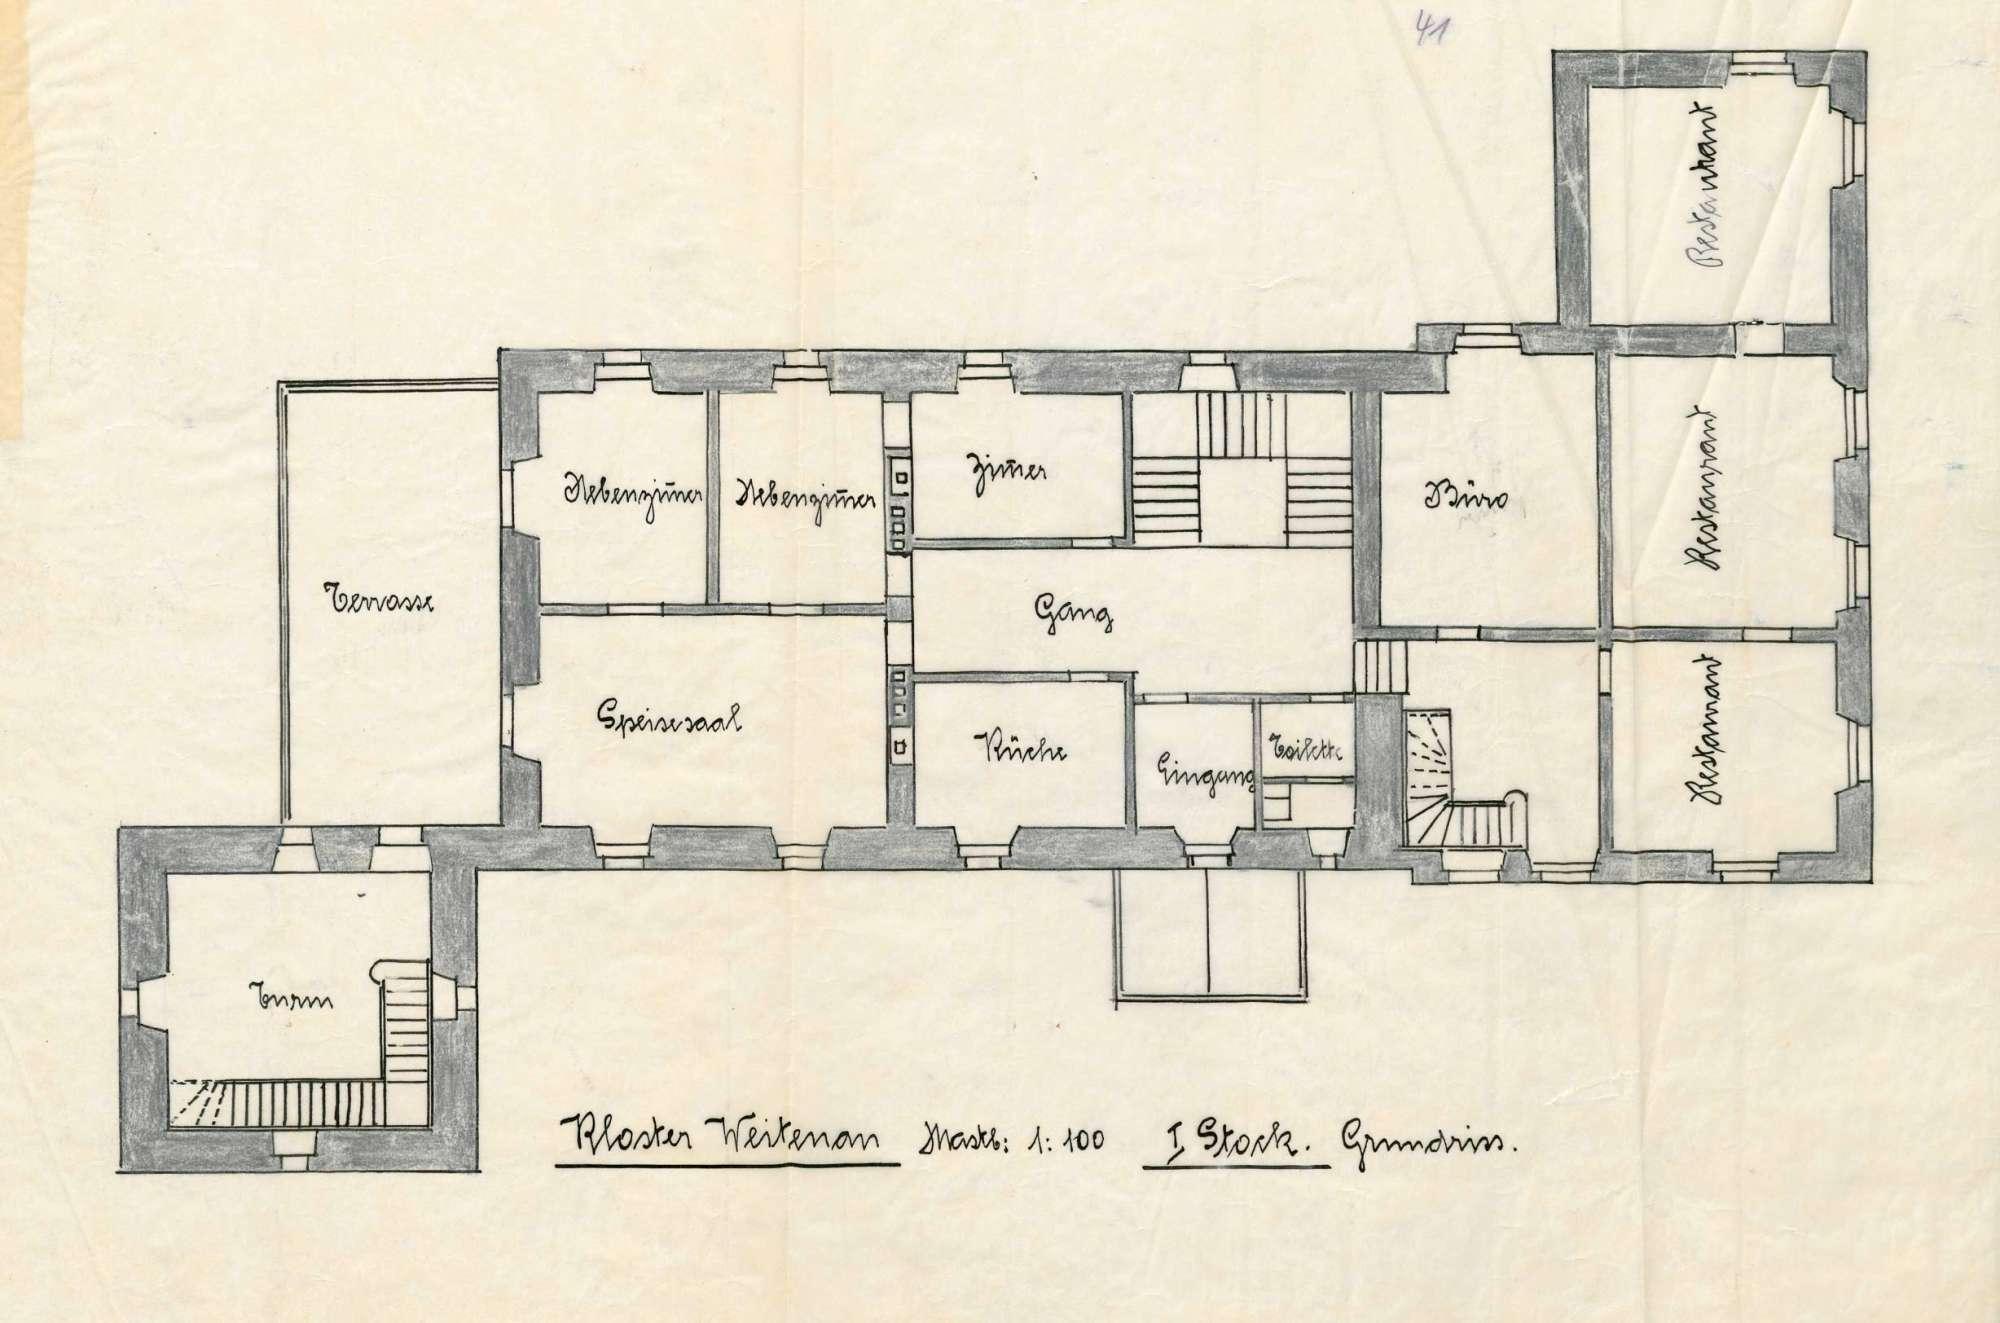 Verleihung der Wirtschaftskonzession für das Gasthaus Kloster Weitenau in Schlächtenhaus, Bild 2